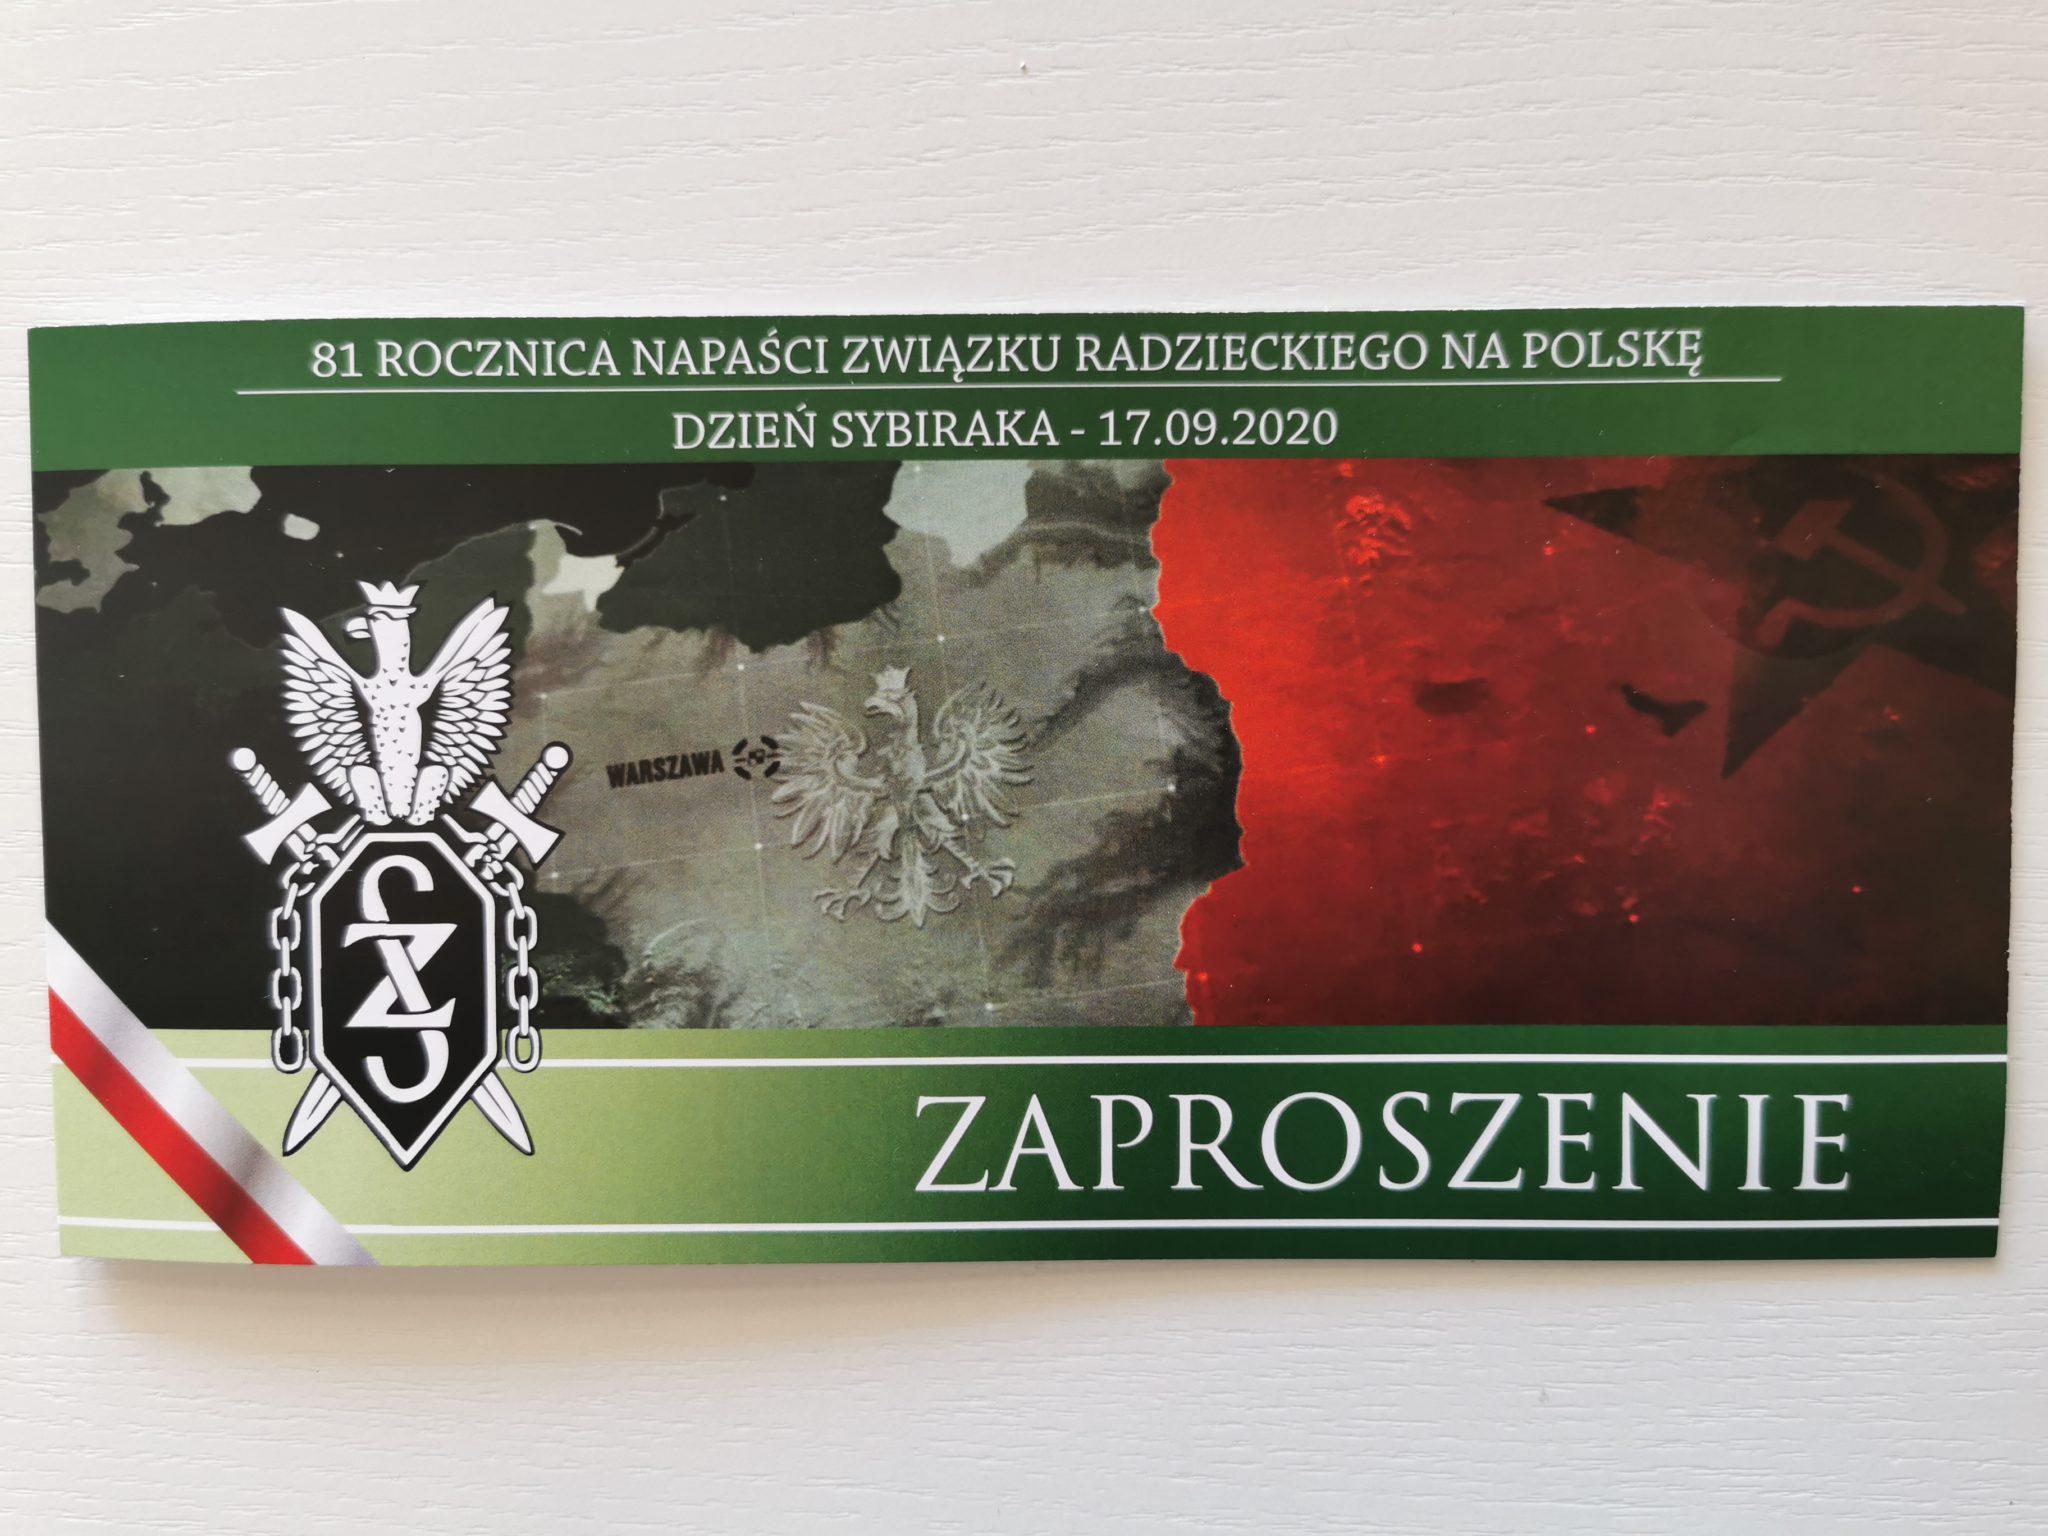 Zaproszenie na uroczystości od wrocławskich Sybiraków